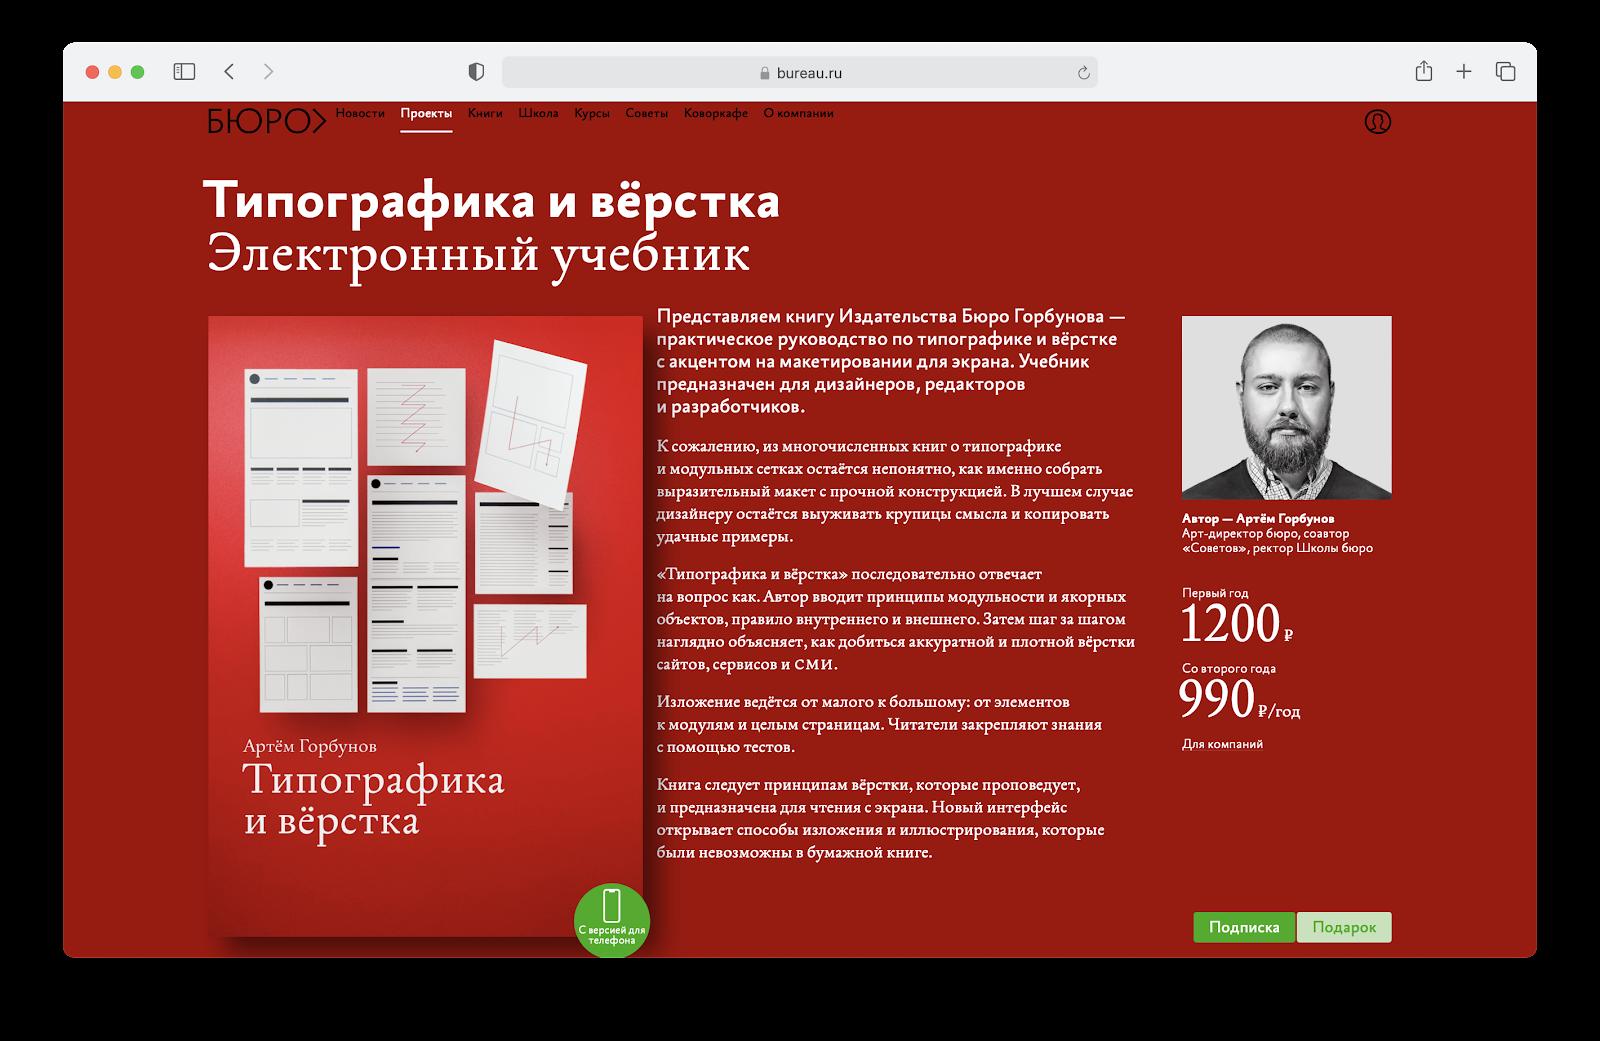 Артём Горбунов. Типографика и вёрстка. Электронный учебник